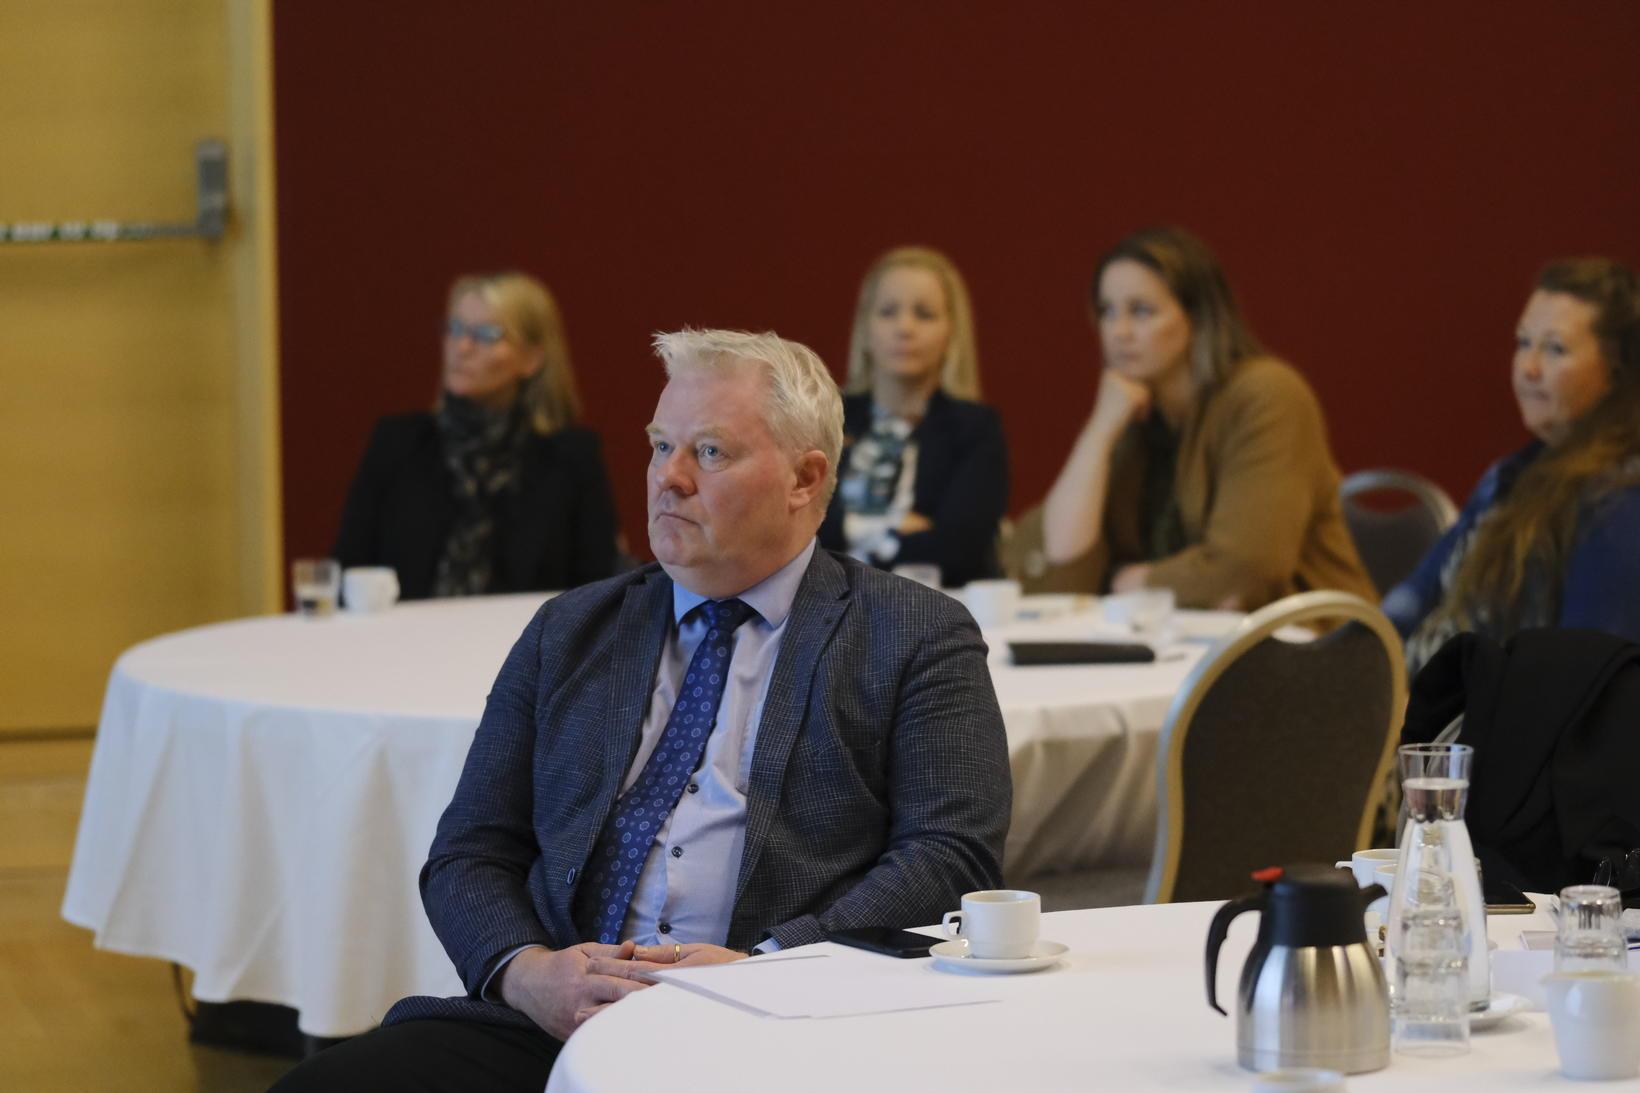 Sigurður Ingi Jóhannsson, samgöngu- og sveitarstjórnarráðherra, á fundinum í dag.